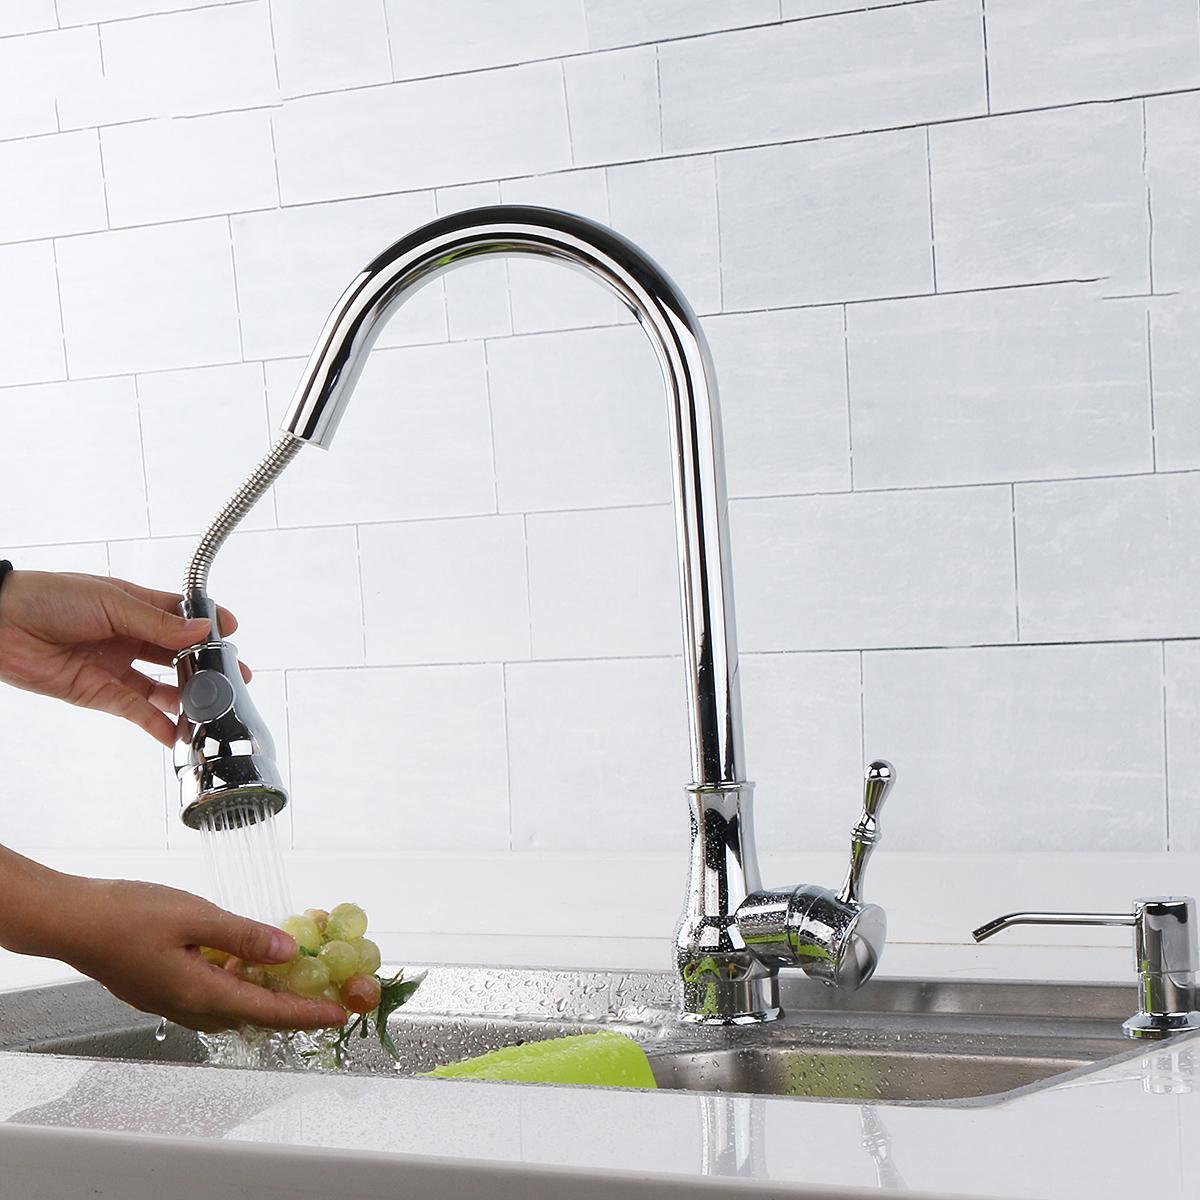 lysol neutra air freshmatic automatic spray air freshener